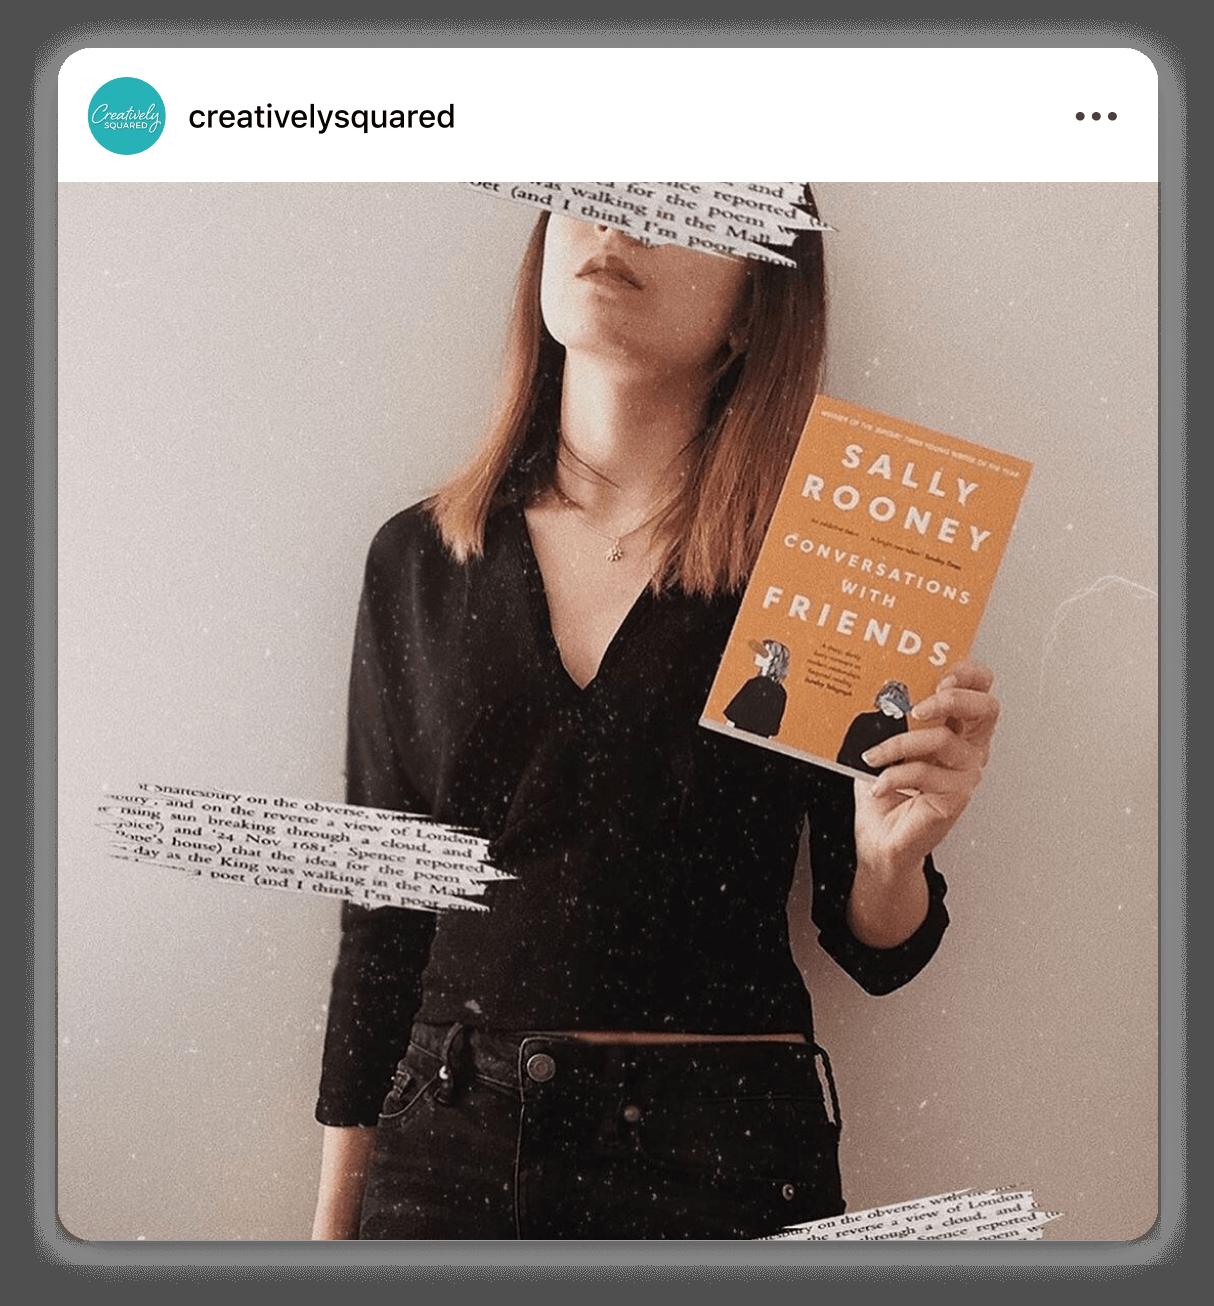 Milkshake – School of Instagram Interview